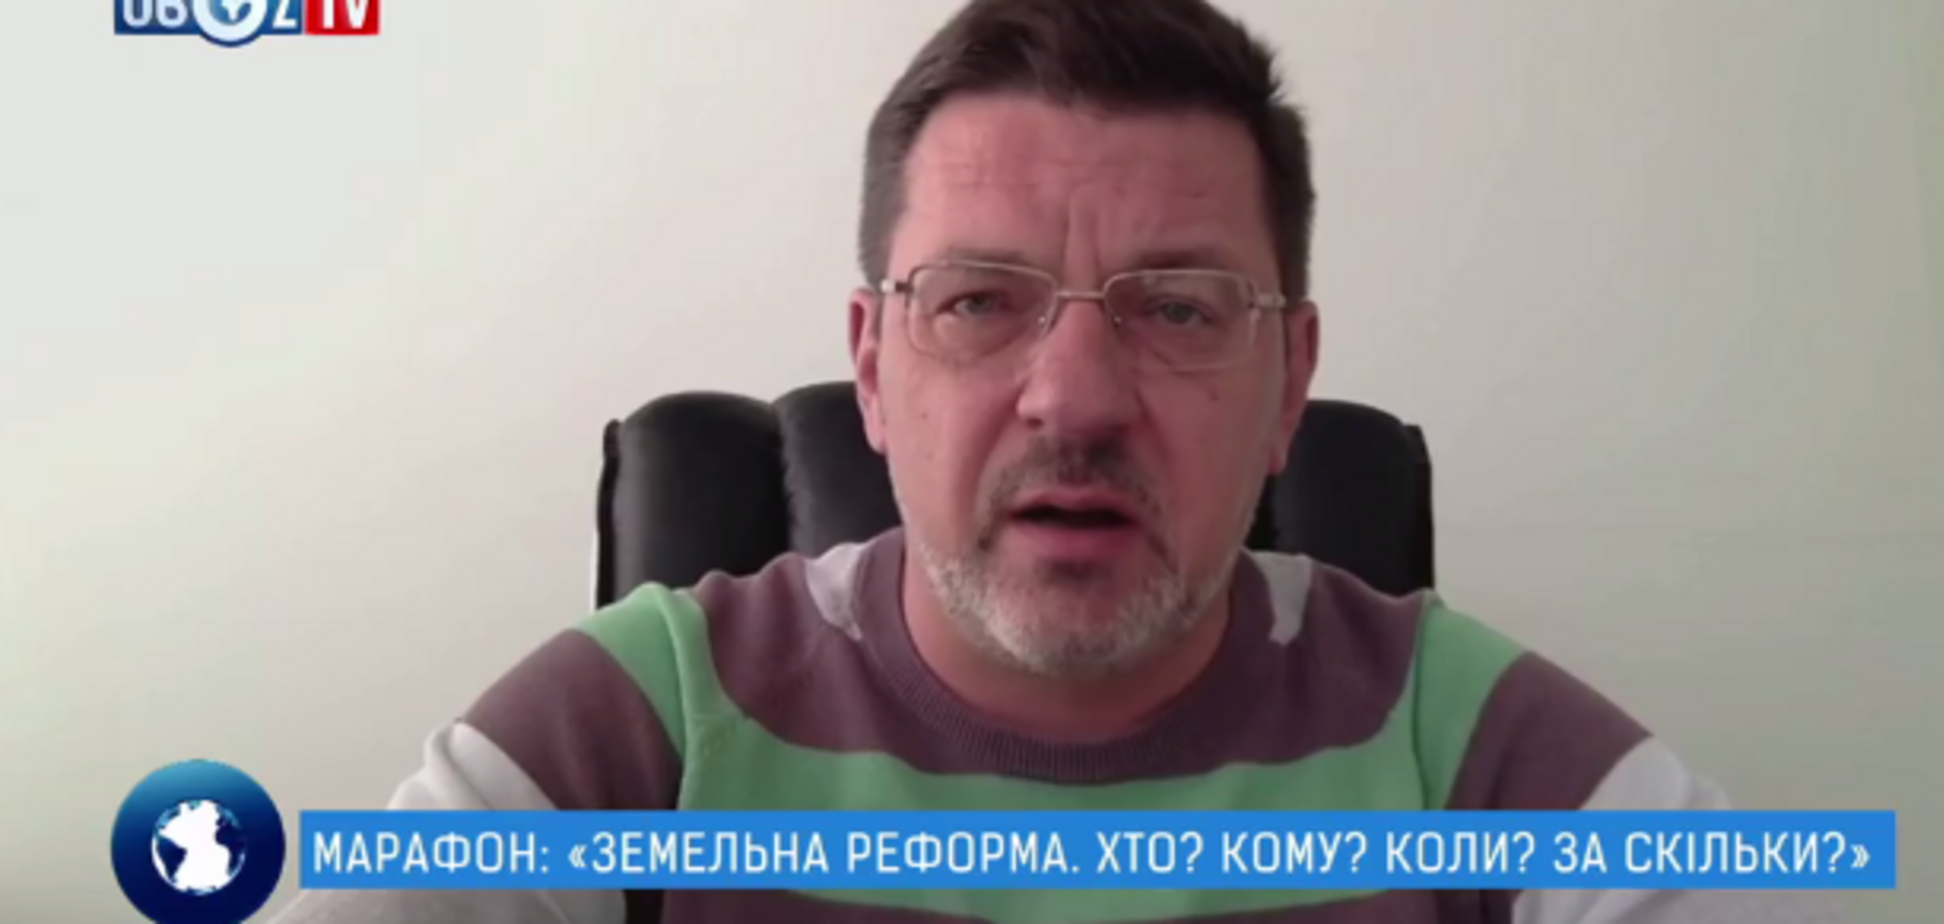 Земельна реформа в Україні: відомий політик закликав приватизувати ліс